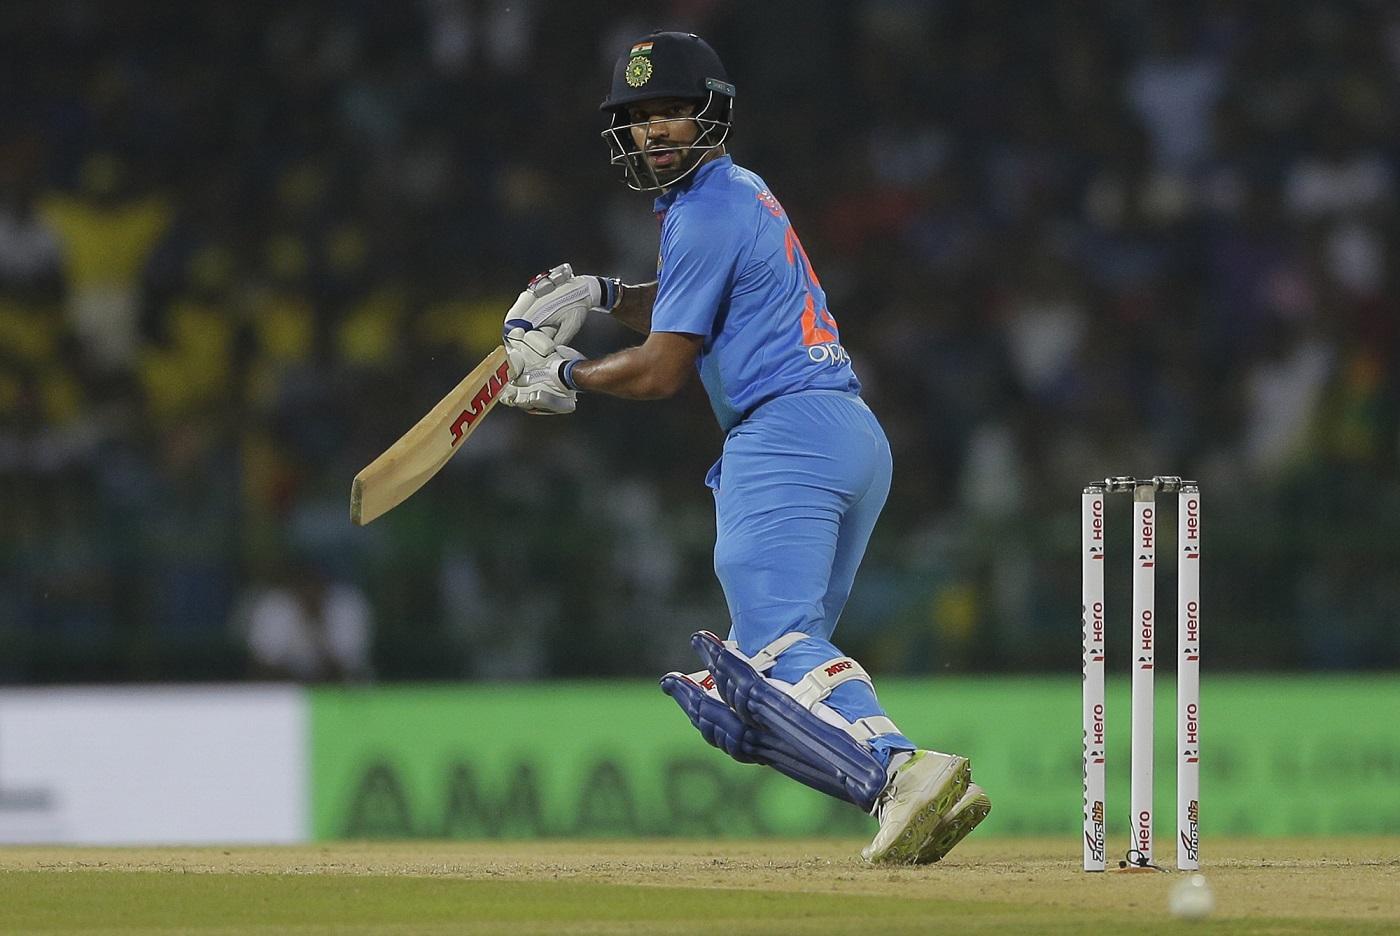 Is Indian Bowling Toothless Without Bhuvneshwar Kumar & Jasprit Bumrah? 1